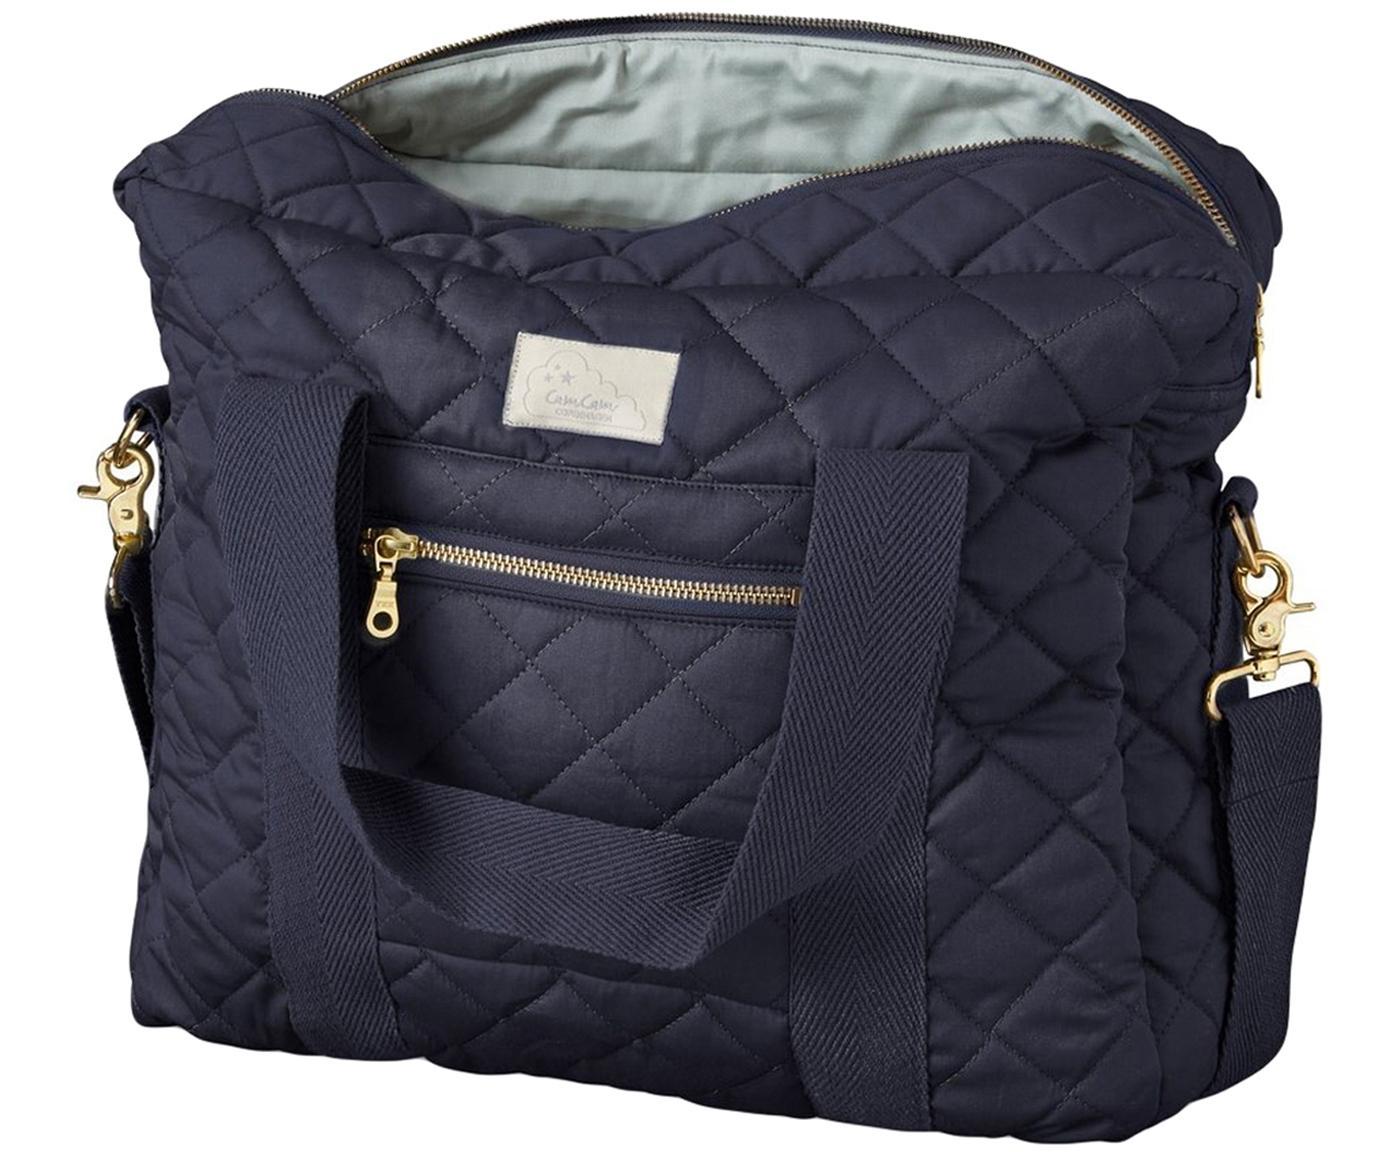 Wickeltasche Camila aus Bio-Baumwolle, Bezug: Bio-Baumwolle, OCS-zertif, Navyblau, 39 x 31 cm